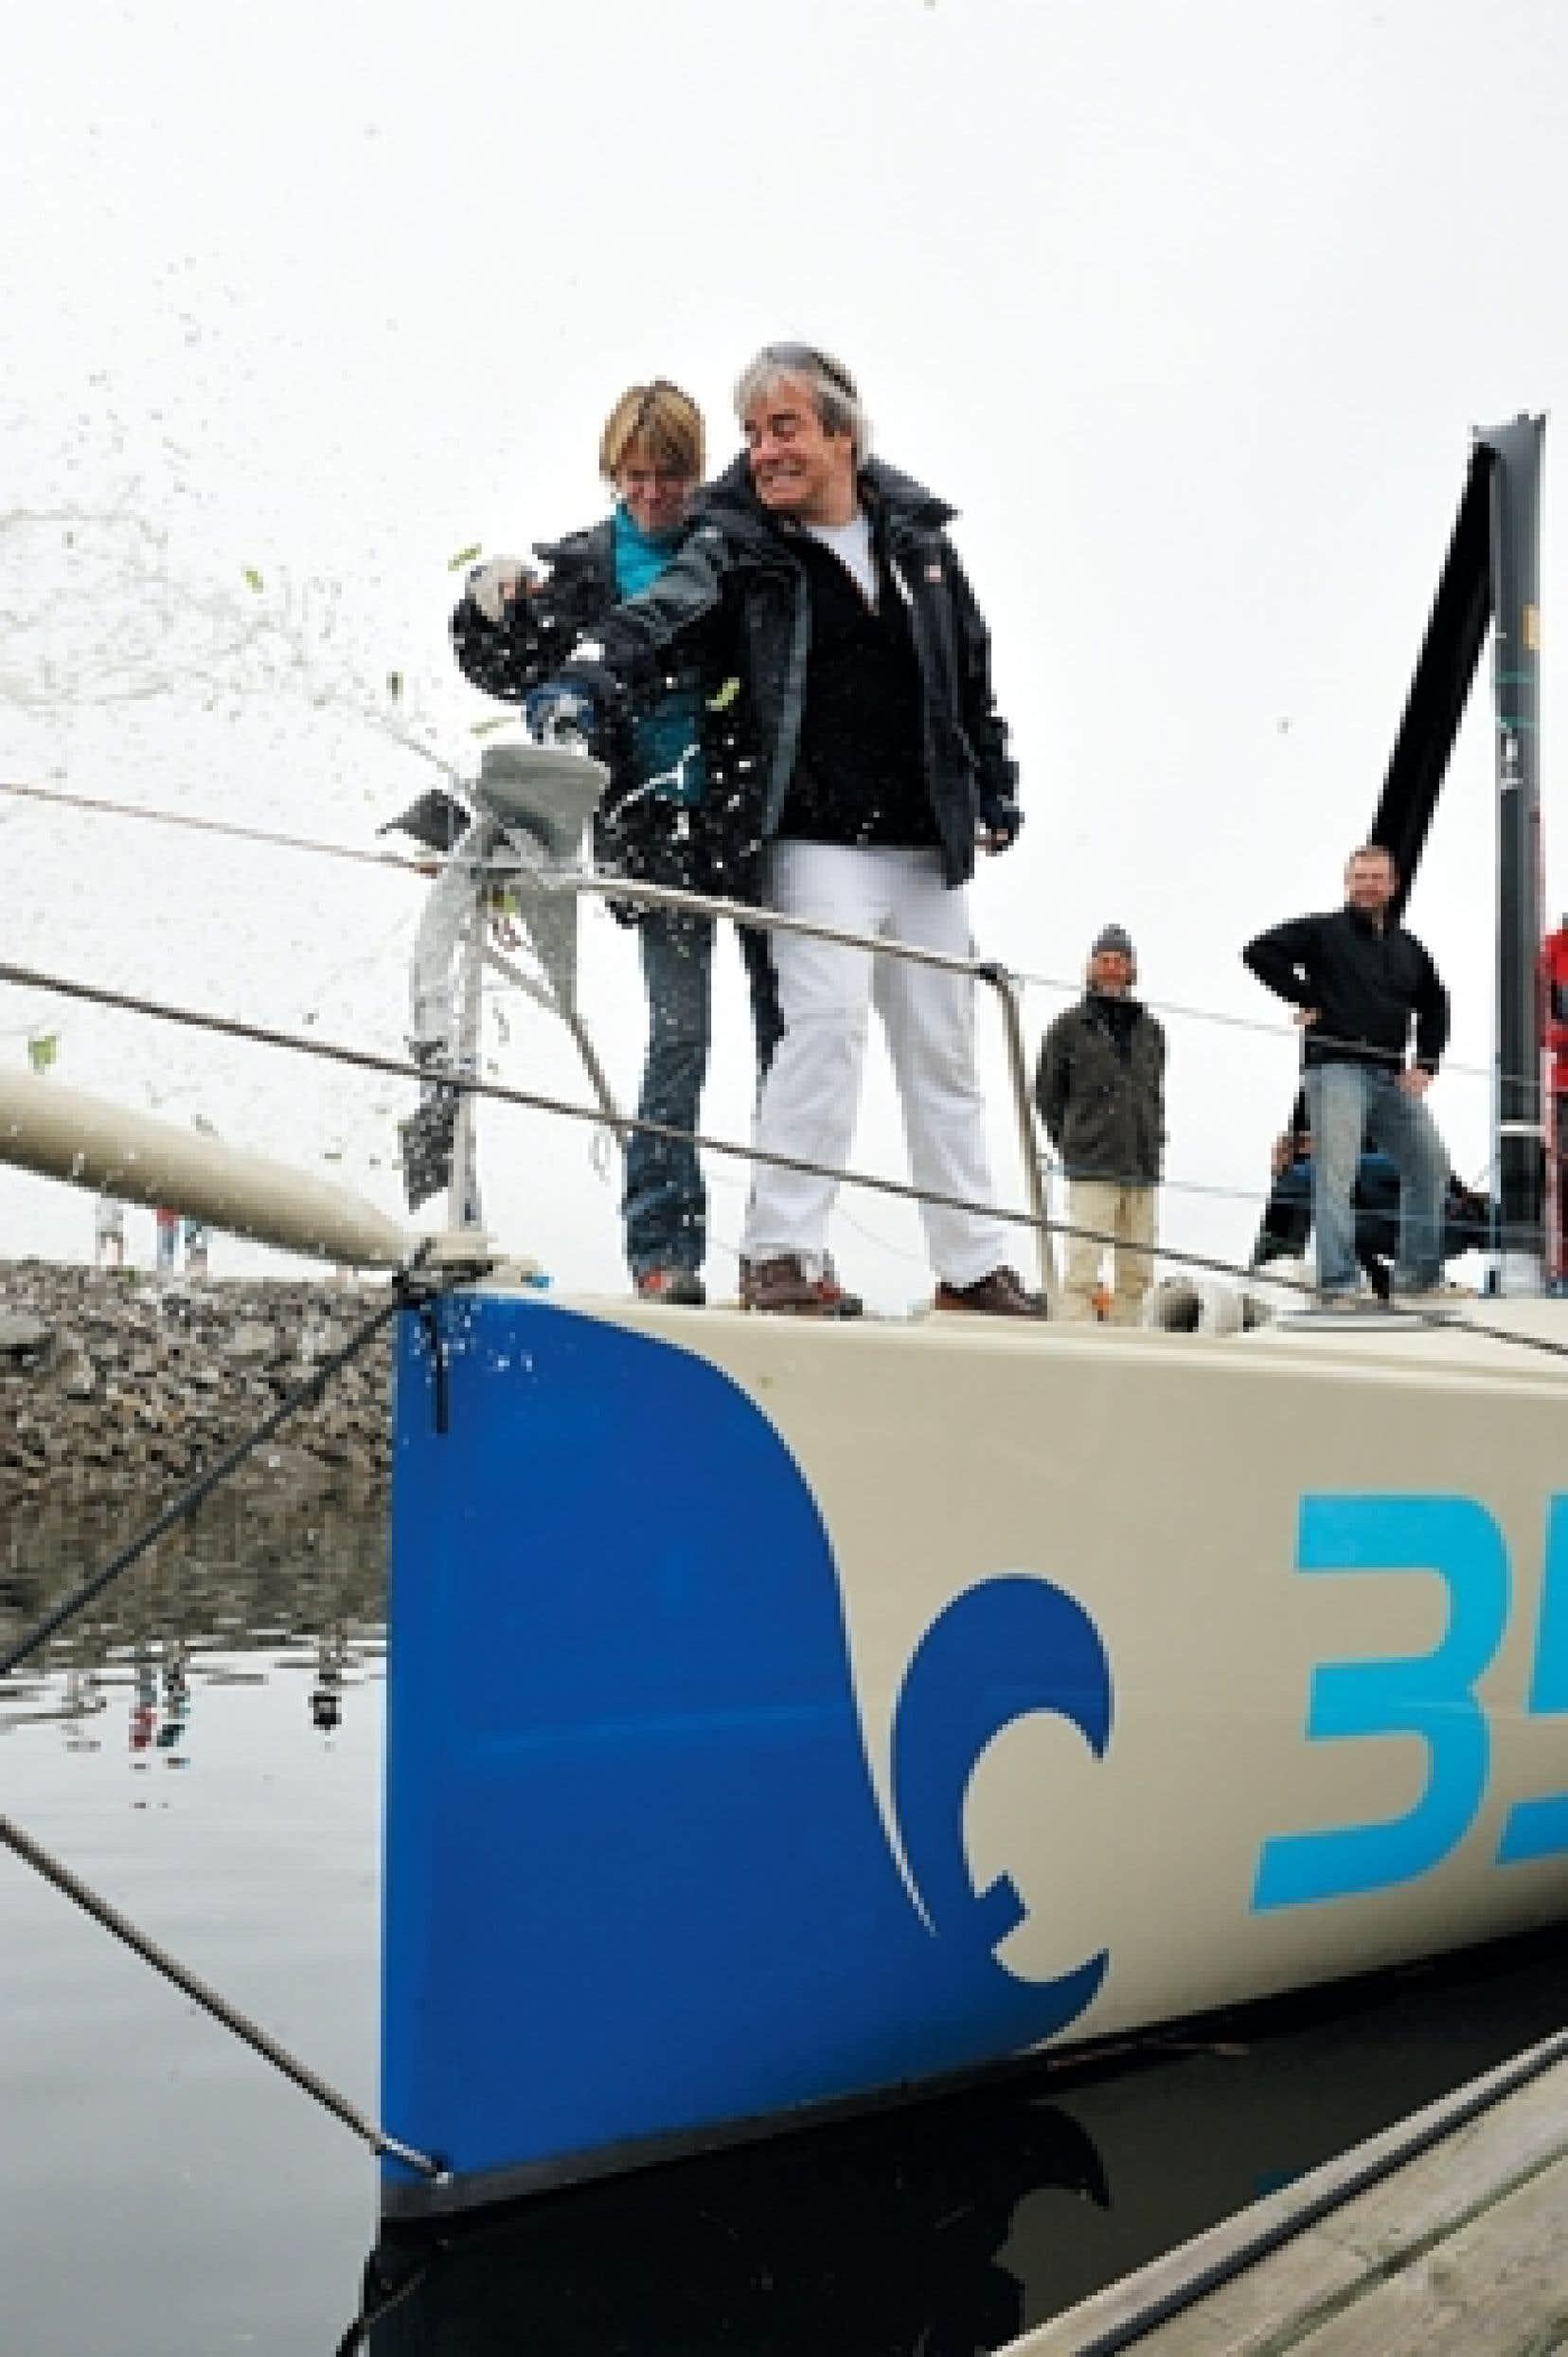 Joblo et Jean Lemire, marraine et parrain du voilier Bleu, fracassent la traditionnelle bouteille de bulles offertes à Neptune durant le baptême à Gaspé.